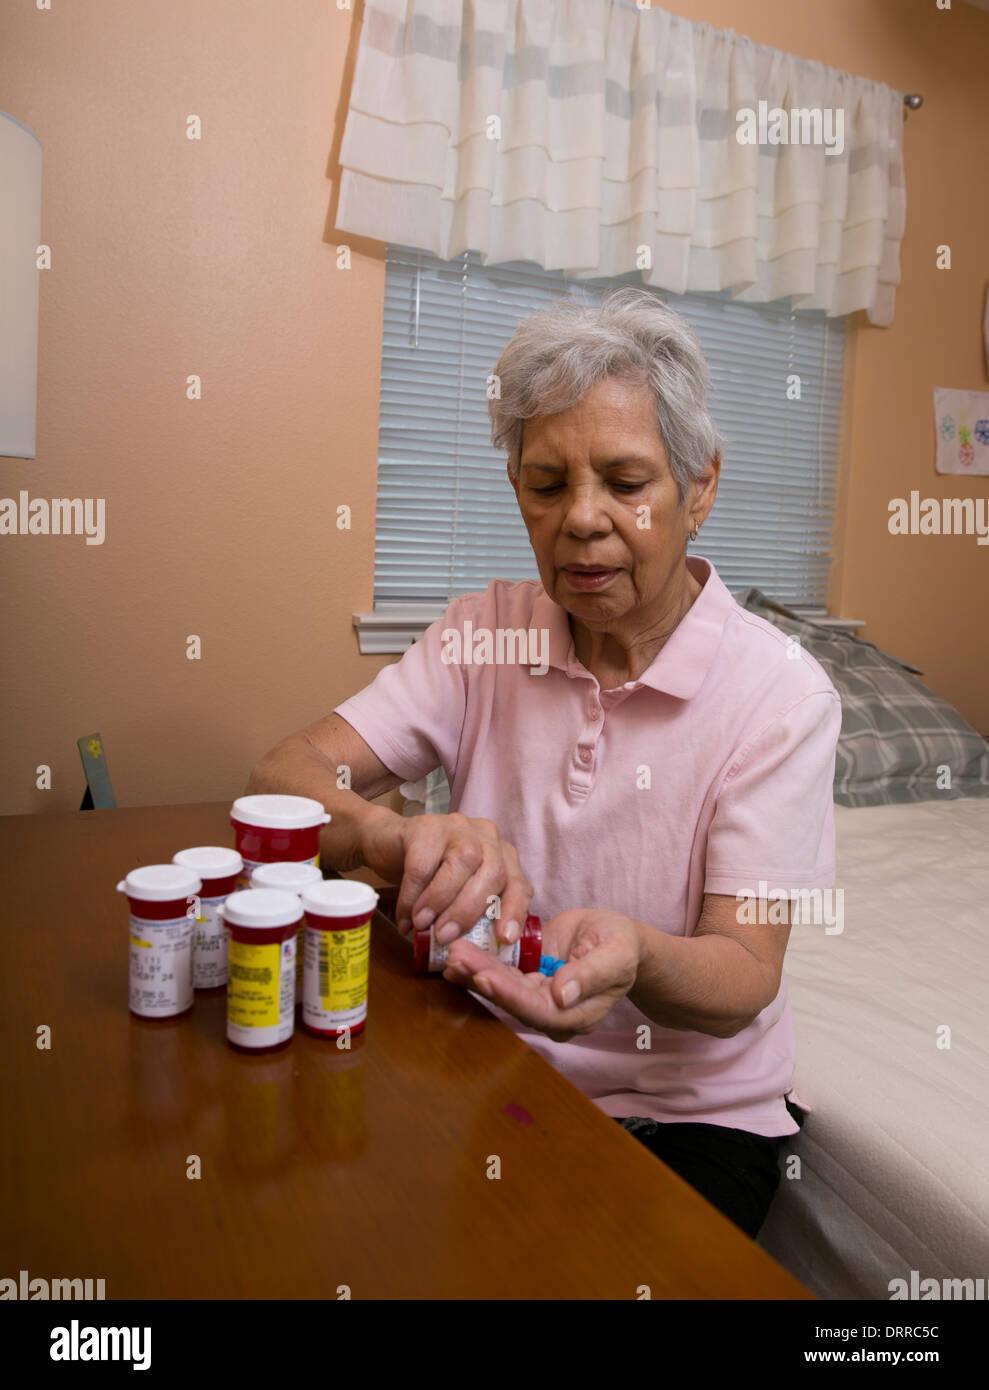 75 ans Senior citizen femme hispanique organise ses multiples médicaments comprimés alors qu'à la maison Photo Stock